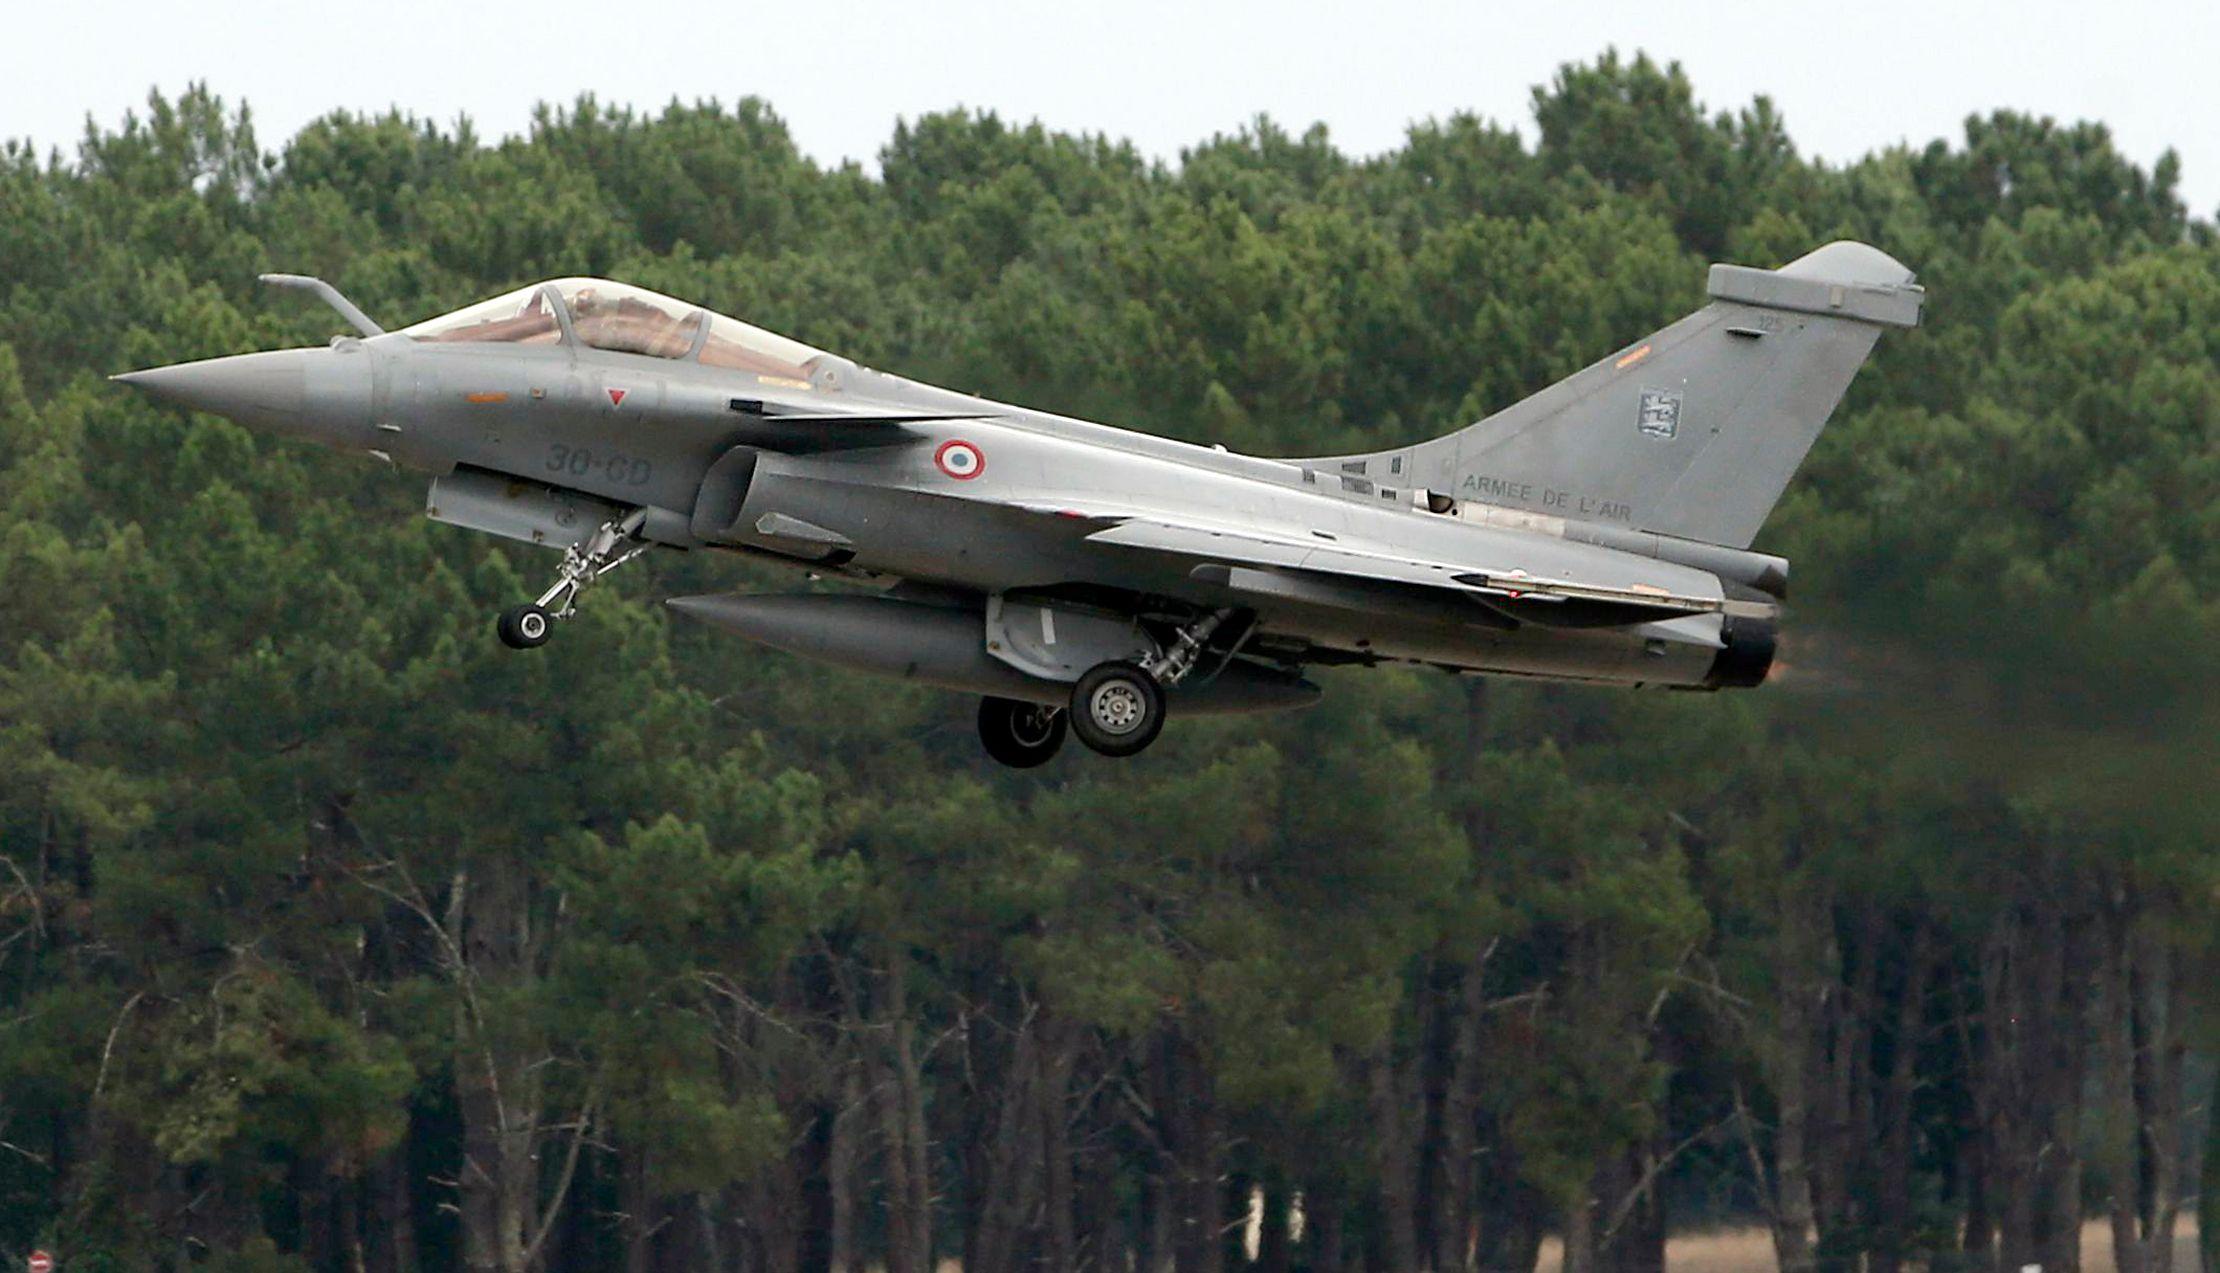 Syrie : l'armée française bombarde massivement le fief de l'Etat islamique